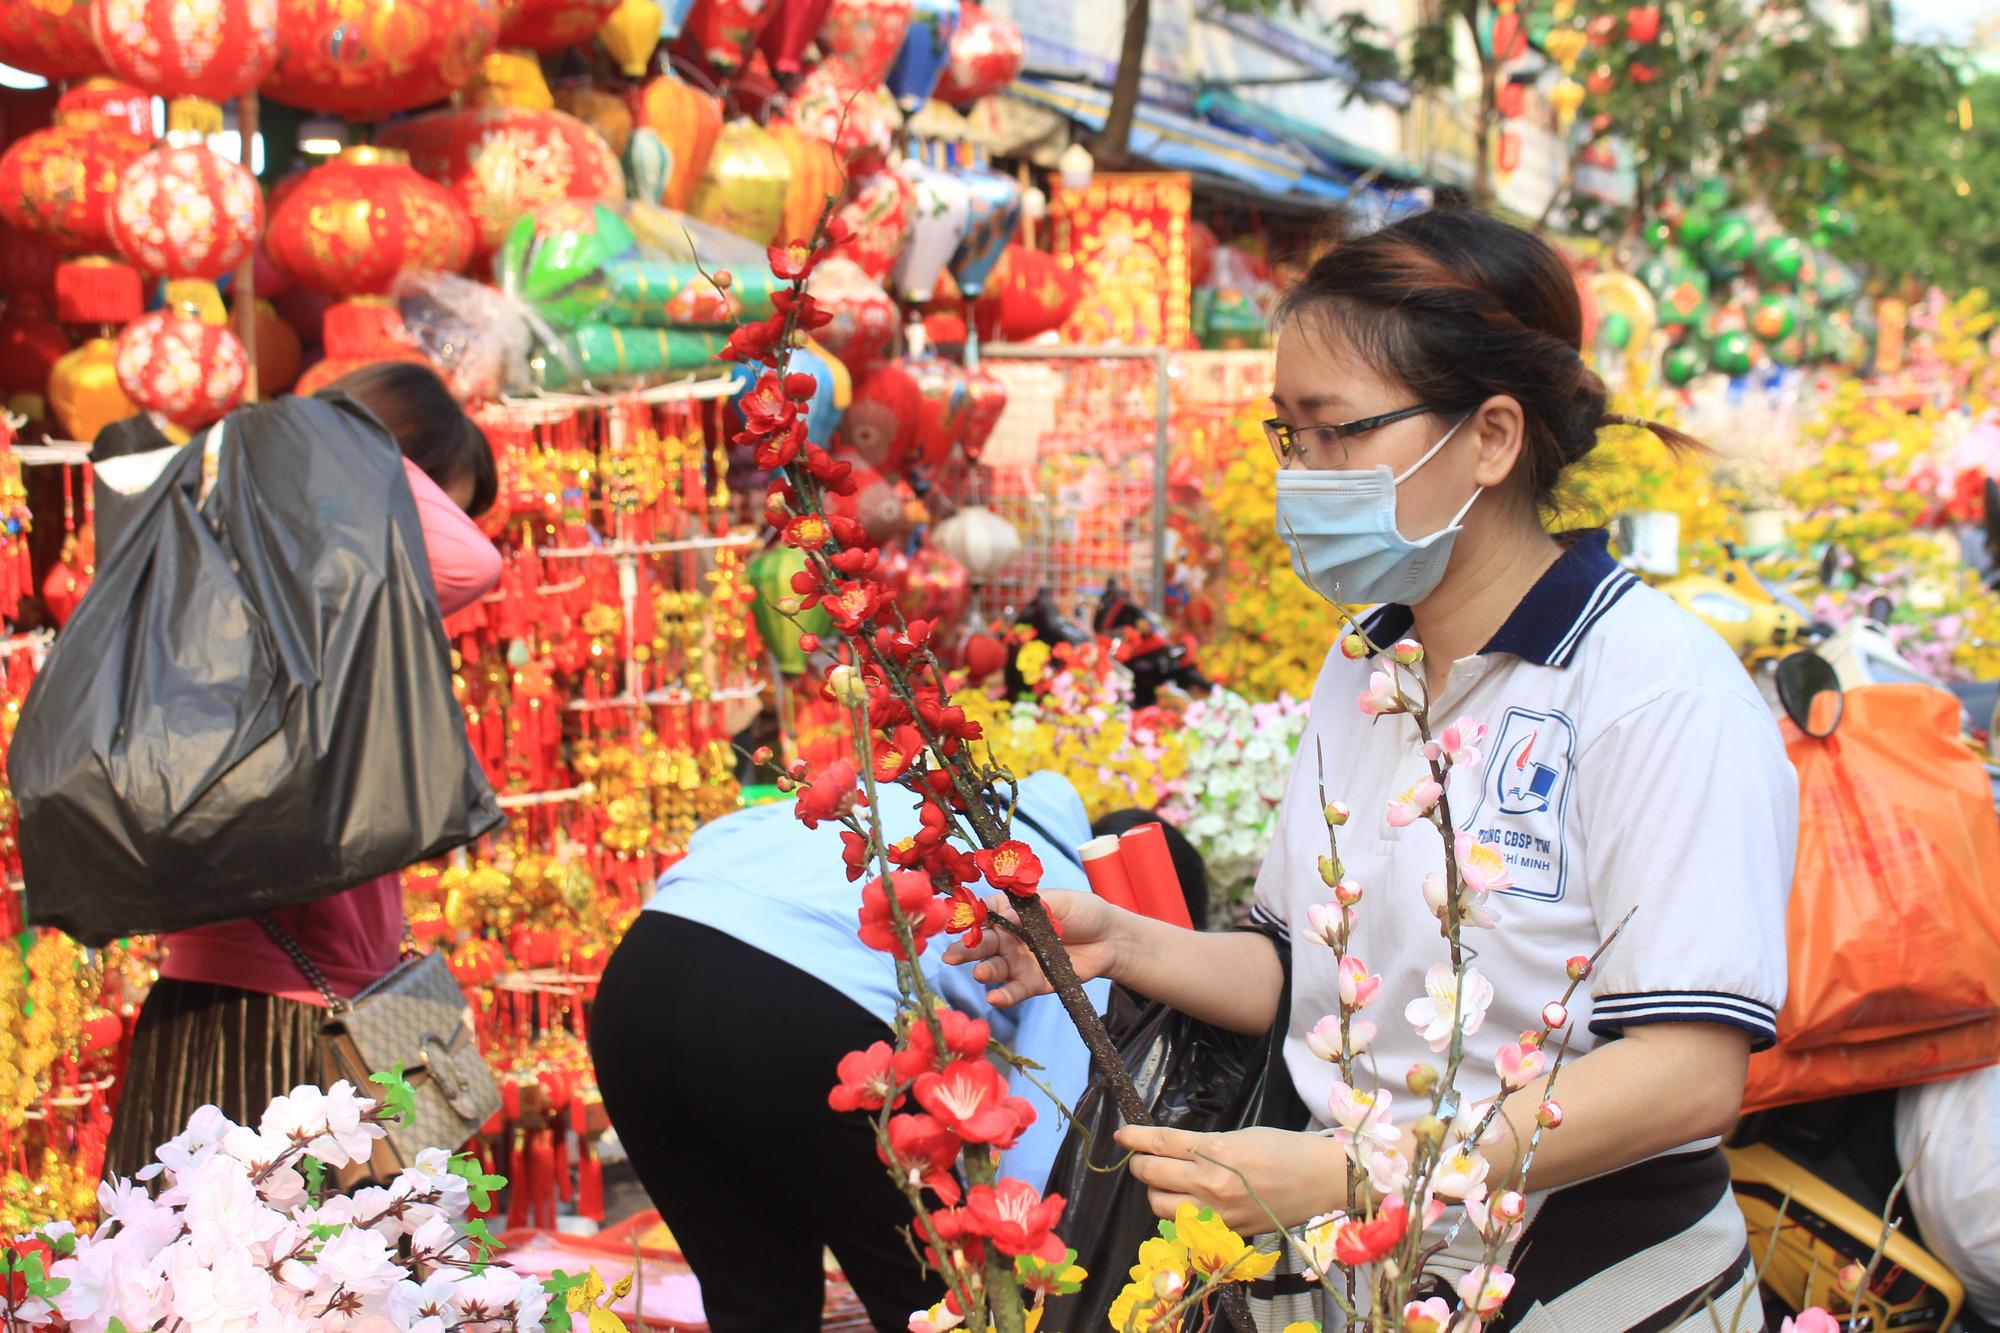 Giới trẻ check-in tuyến đường tết đỏ rực ở Sài Gòn, người bán vui vẻ nhưng tiết lộ điều này - Ảnh 10.